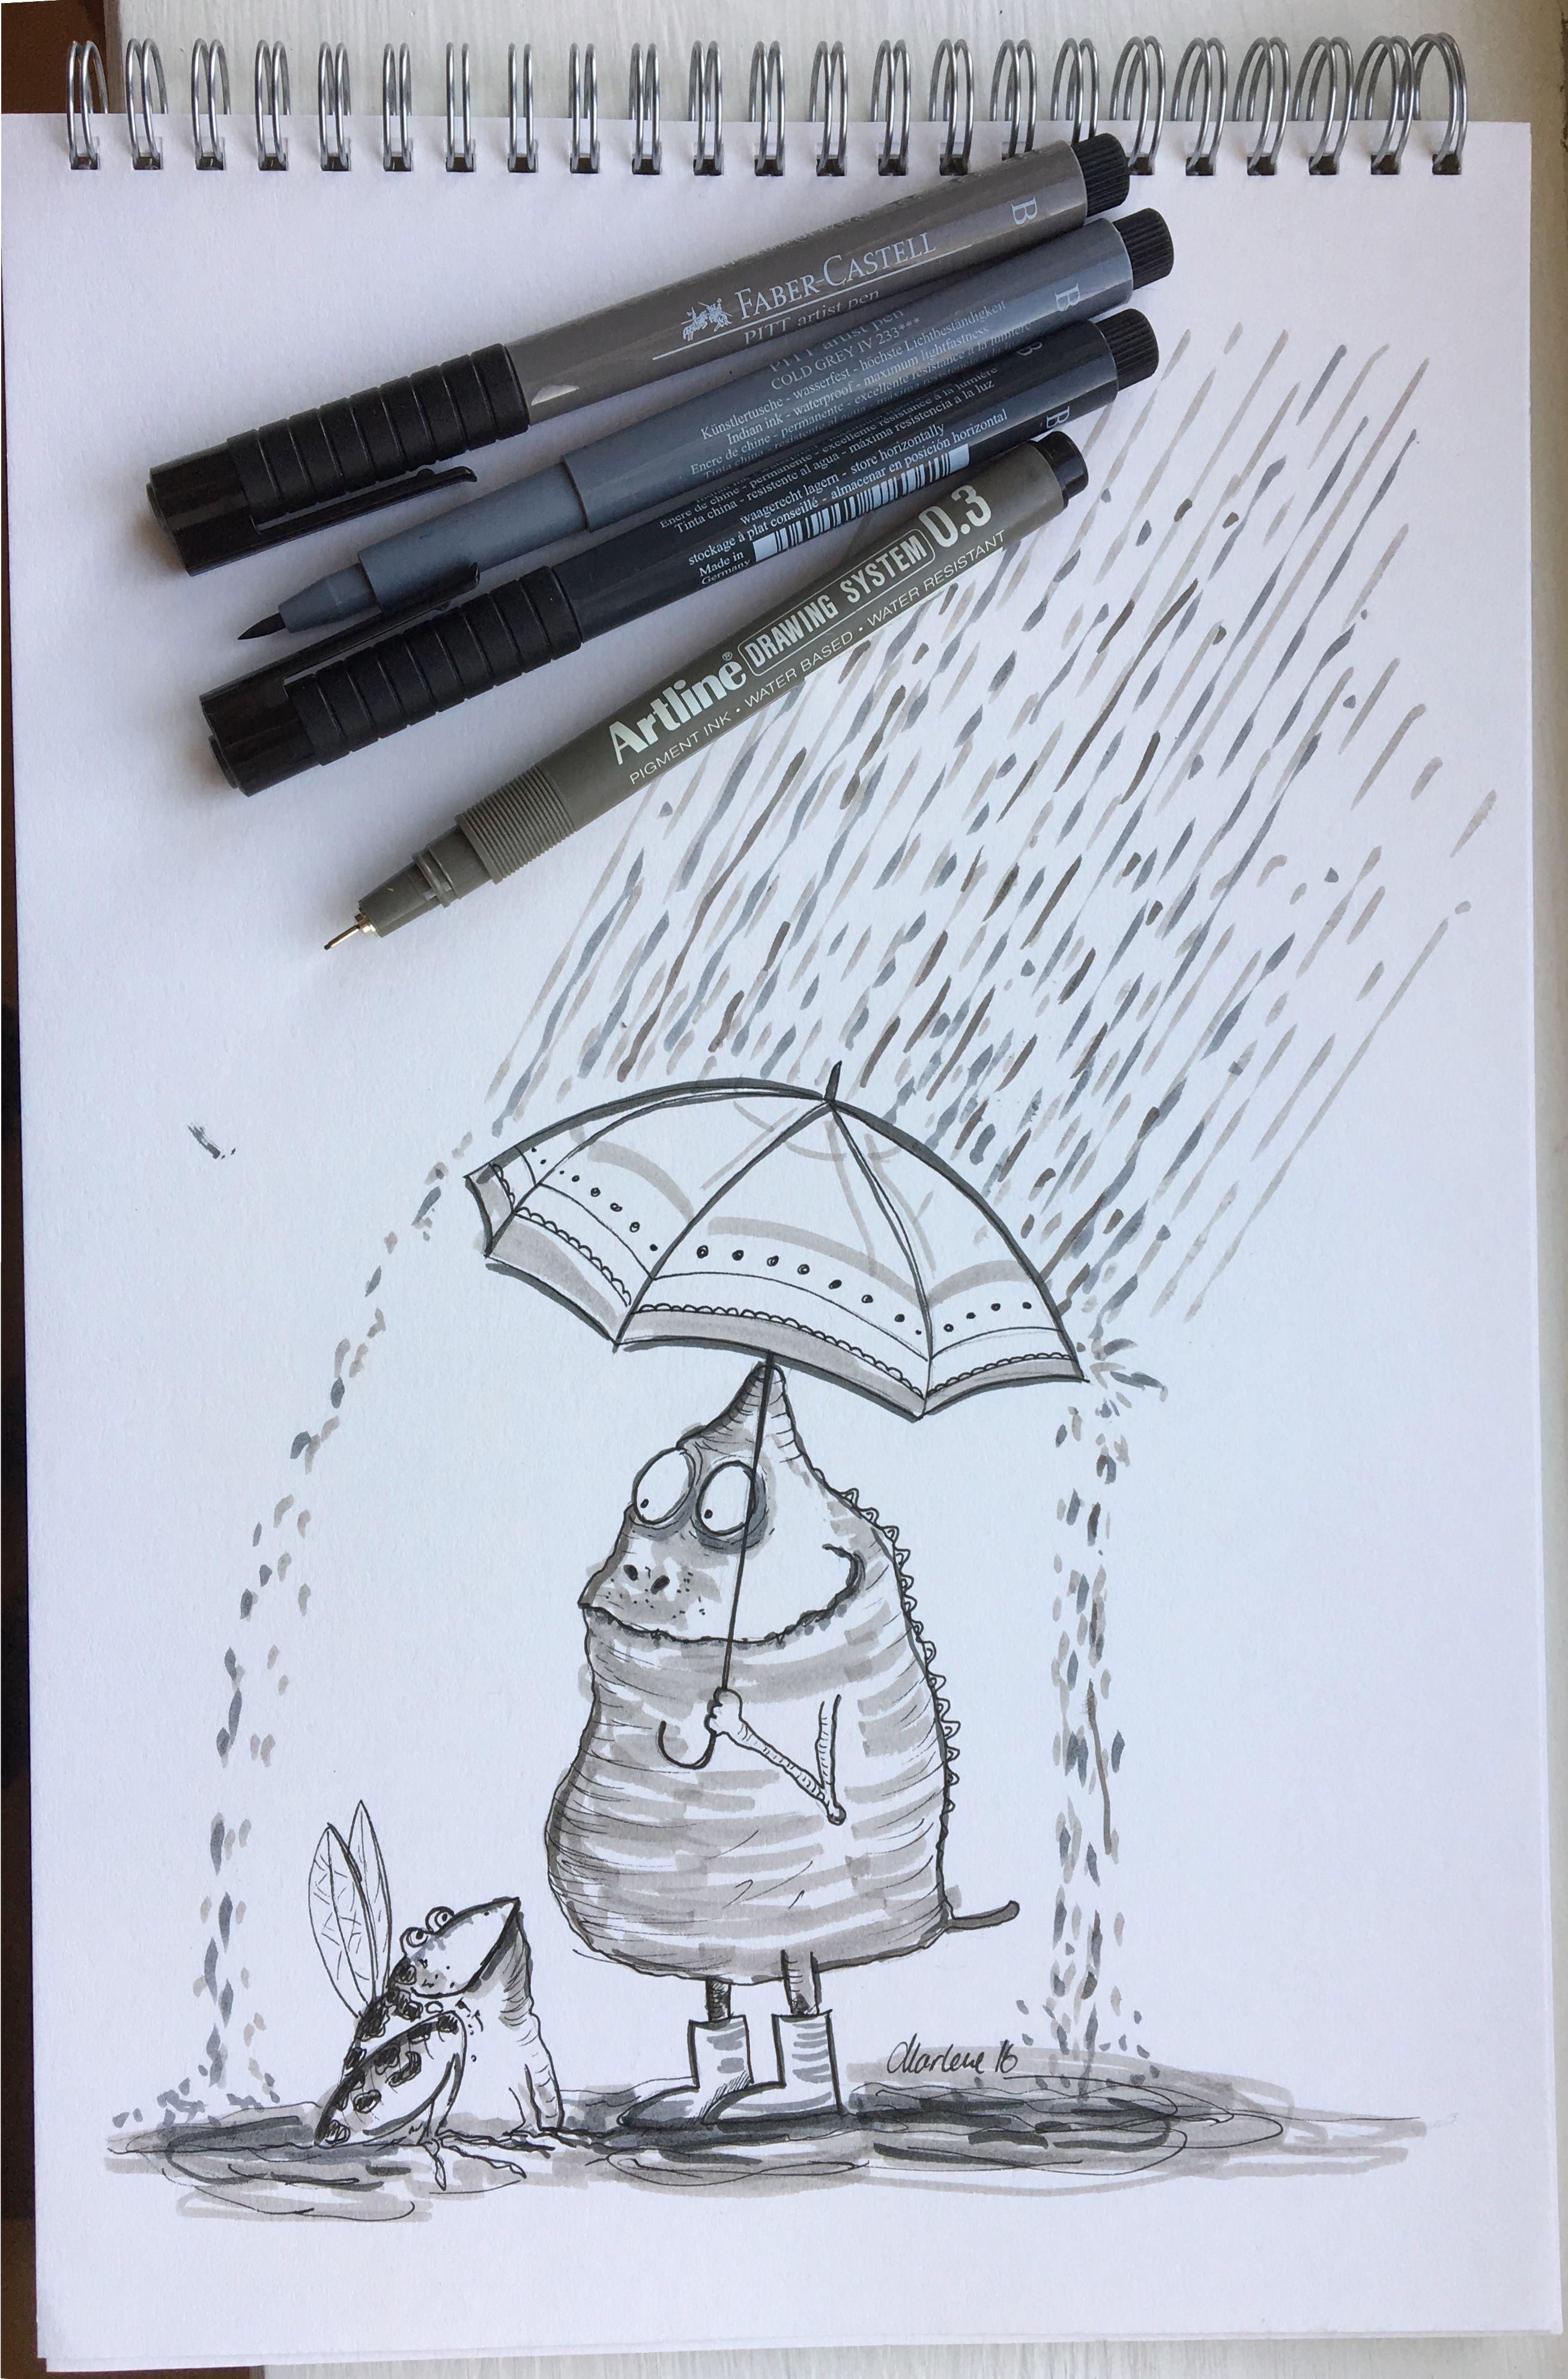 Drawing By Marlene Jorgensen Faber Castell Pitt Pen Shades Of Grey And Artline Pen Inktober Inktober2016 Frog Rain Umbrella Zeichnen Kreativ